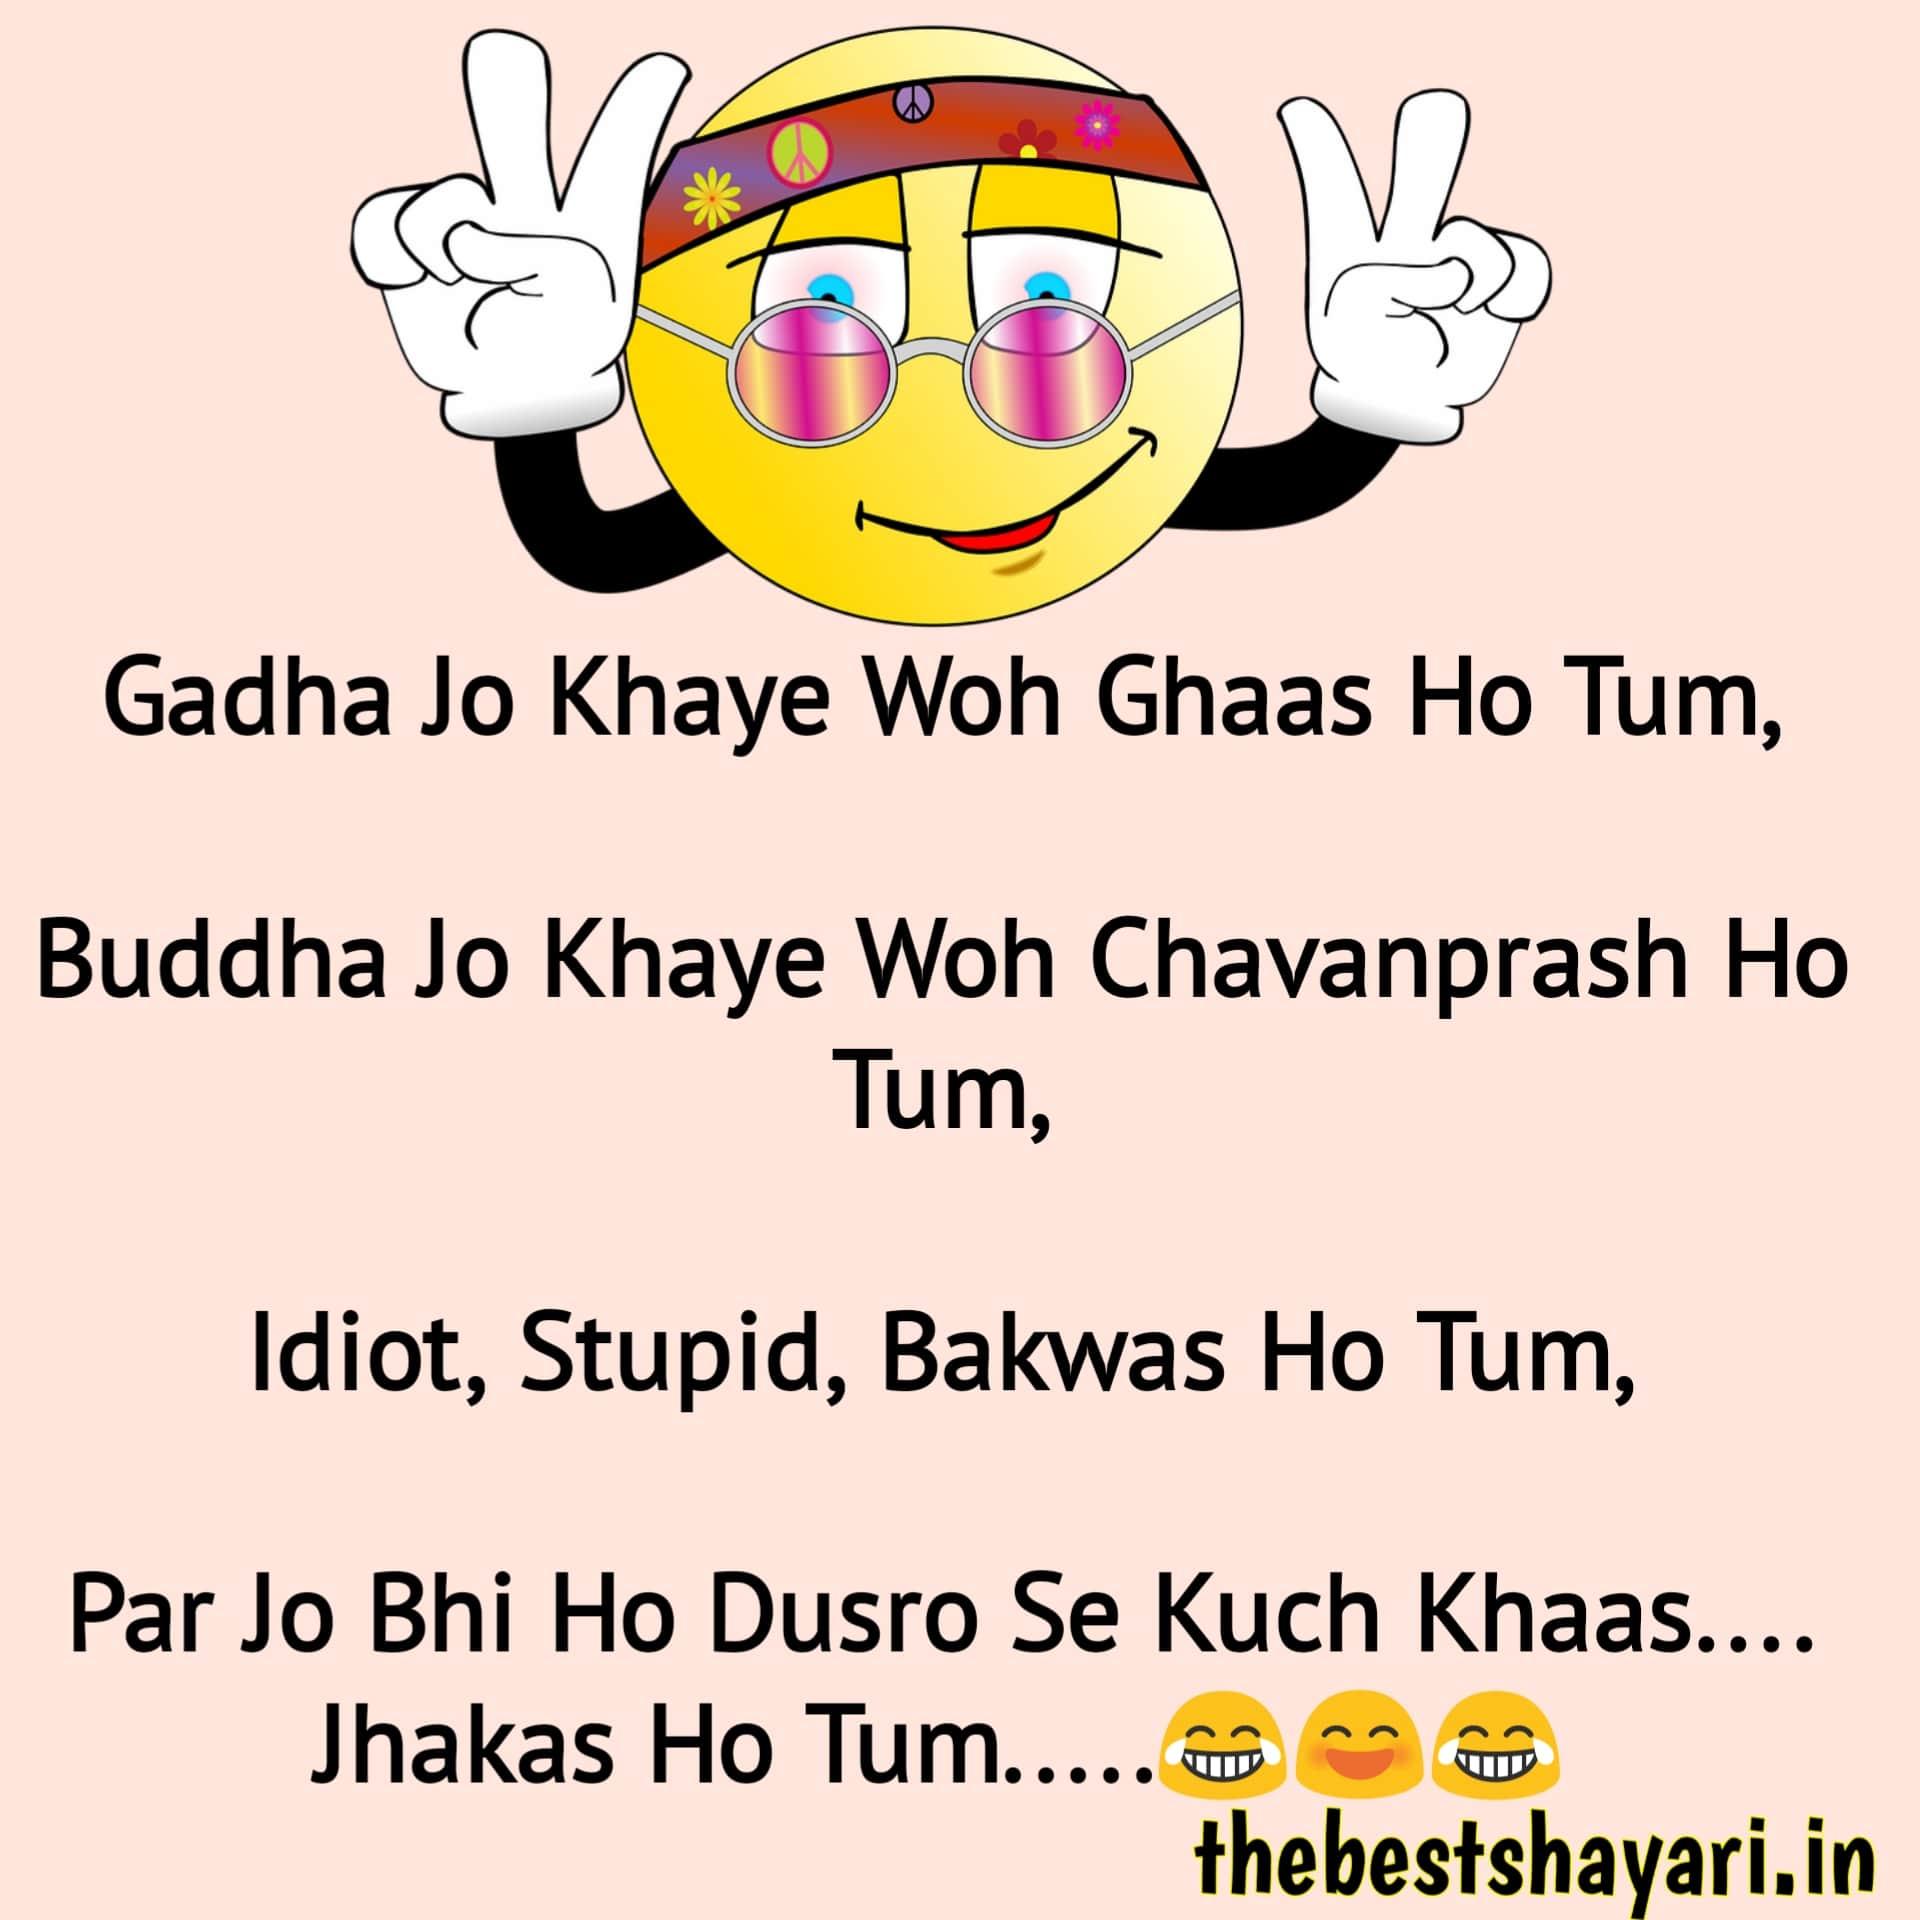 Funny dosti shayari in English